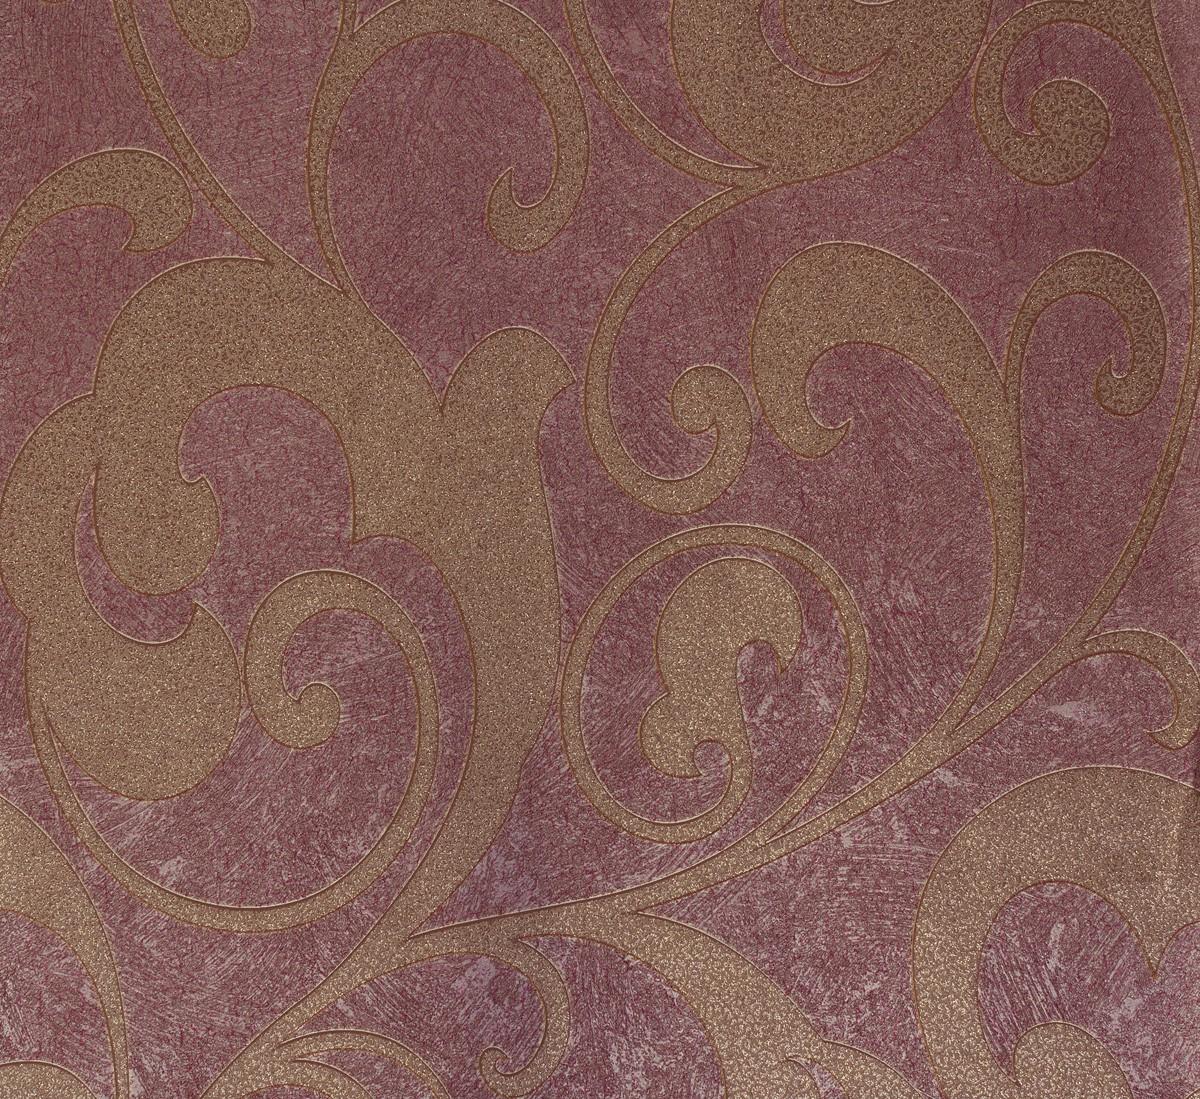 wallpaper flower purple gold marburg 56810 ebay. Black Bedroom Furniture Sets. Home Design Ideas